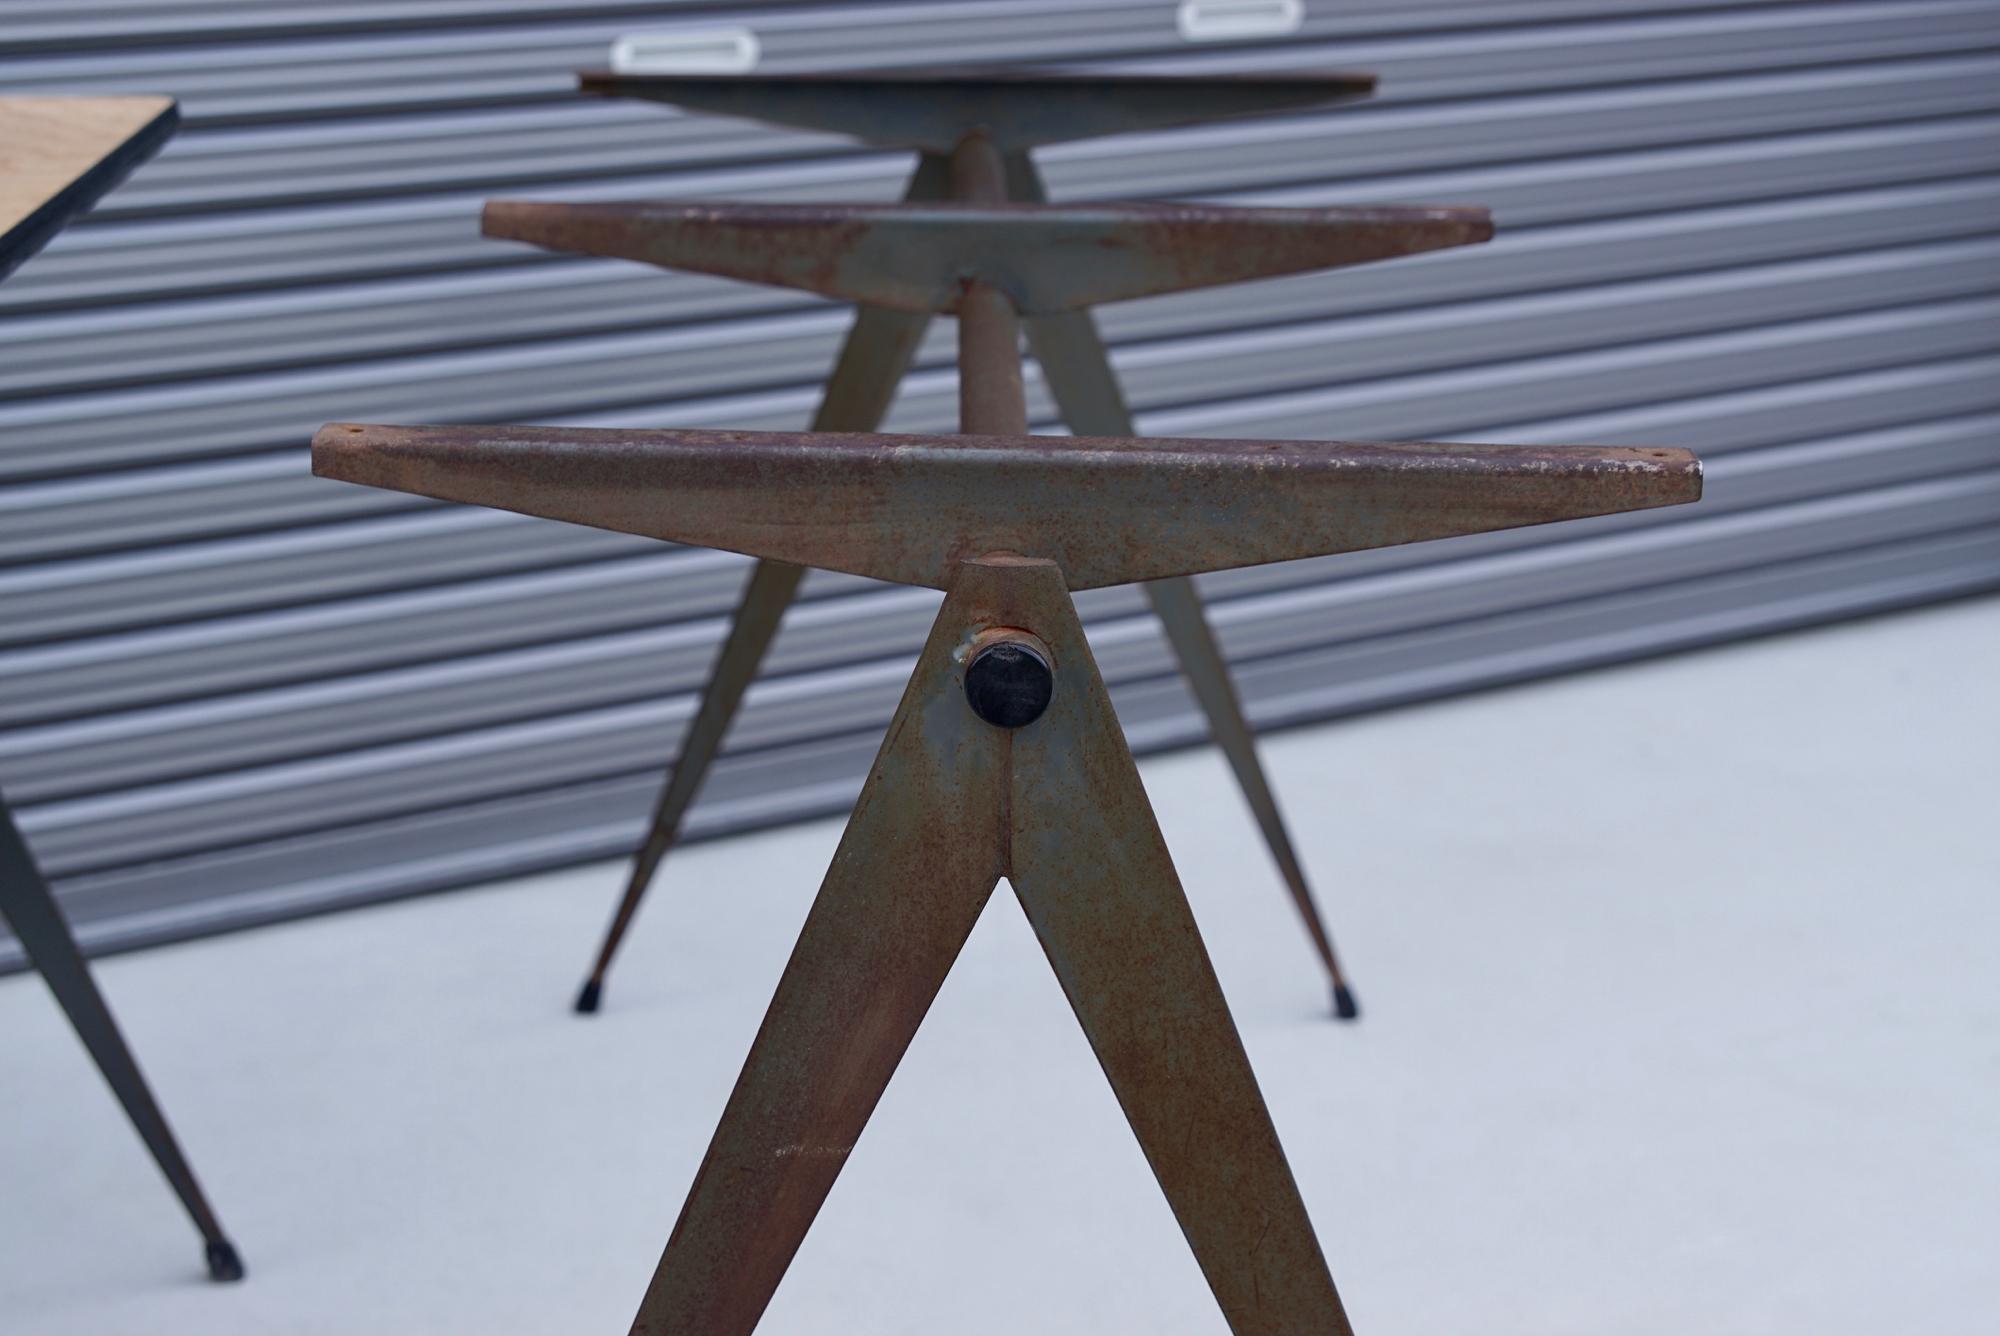 004_008A インダストリアル コンパステーブル - 44